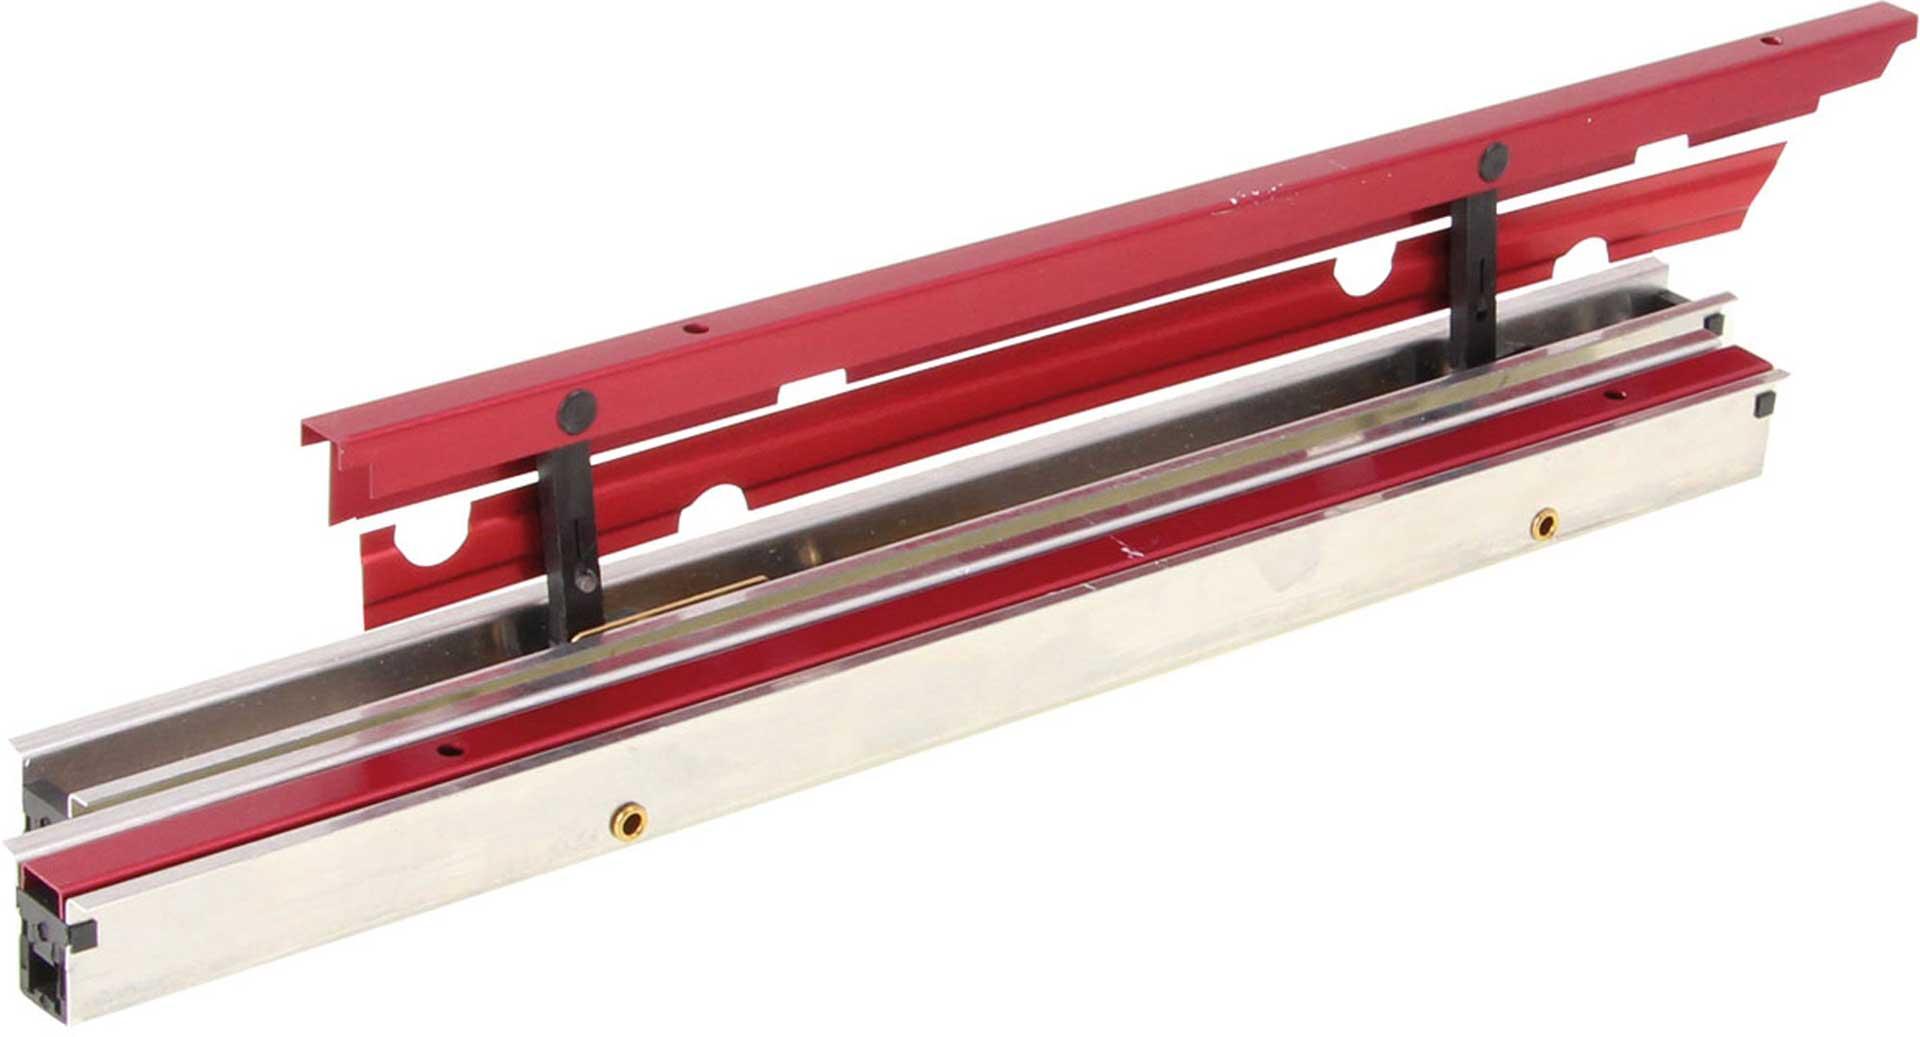 MODELLBAU LINDINGER FLAPS 25CM/16MM RED ANODIZED ALUMINIUM SINGLE CENTER-LOCKING, INTERNALLY HINGED